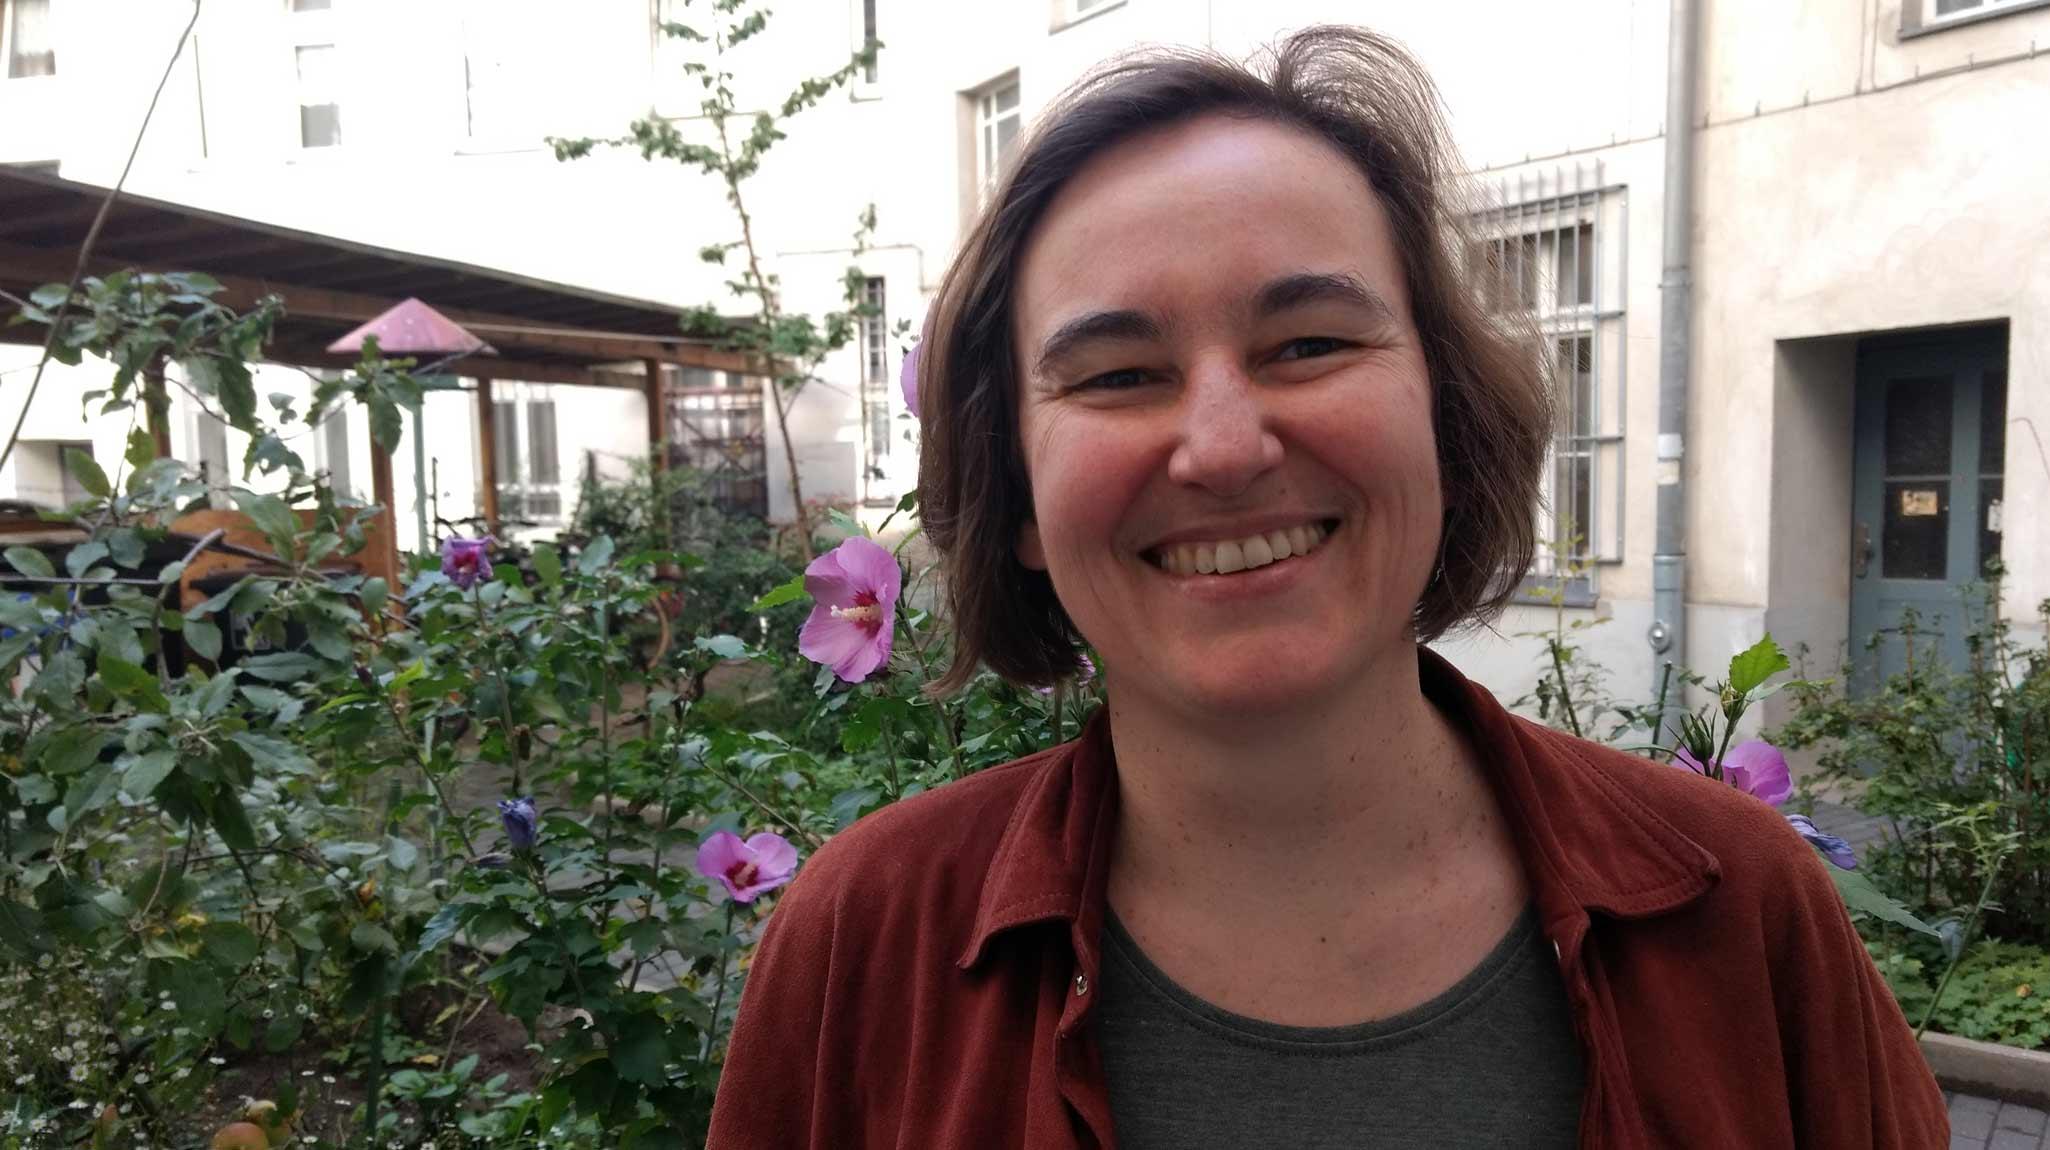 Stephanie Busse, eine Frau mittleren Alters mit halblangen Haaren lacht in die Kamera